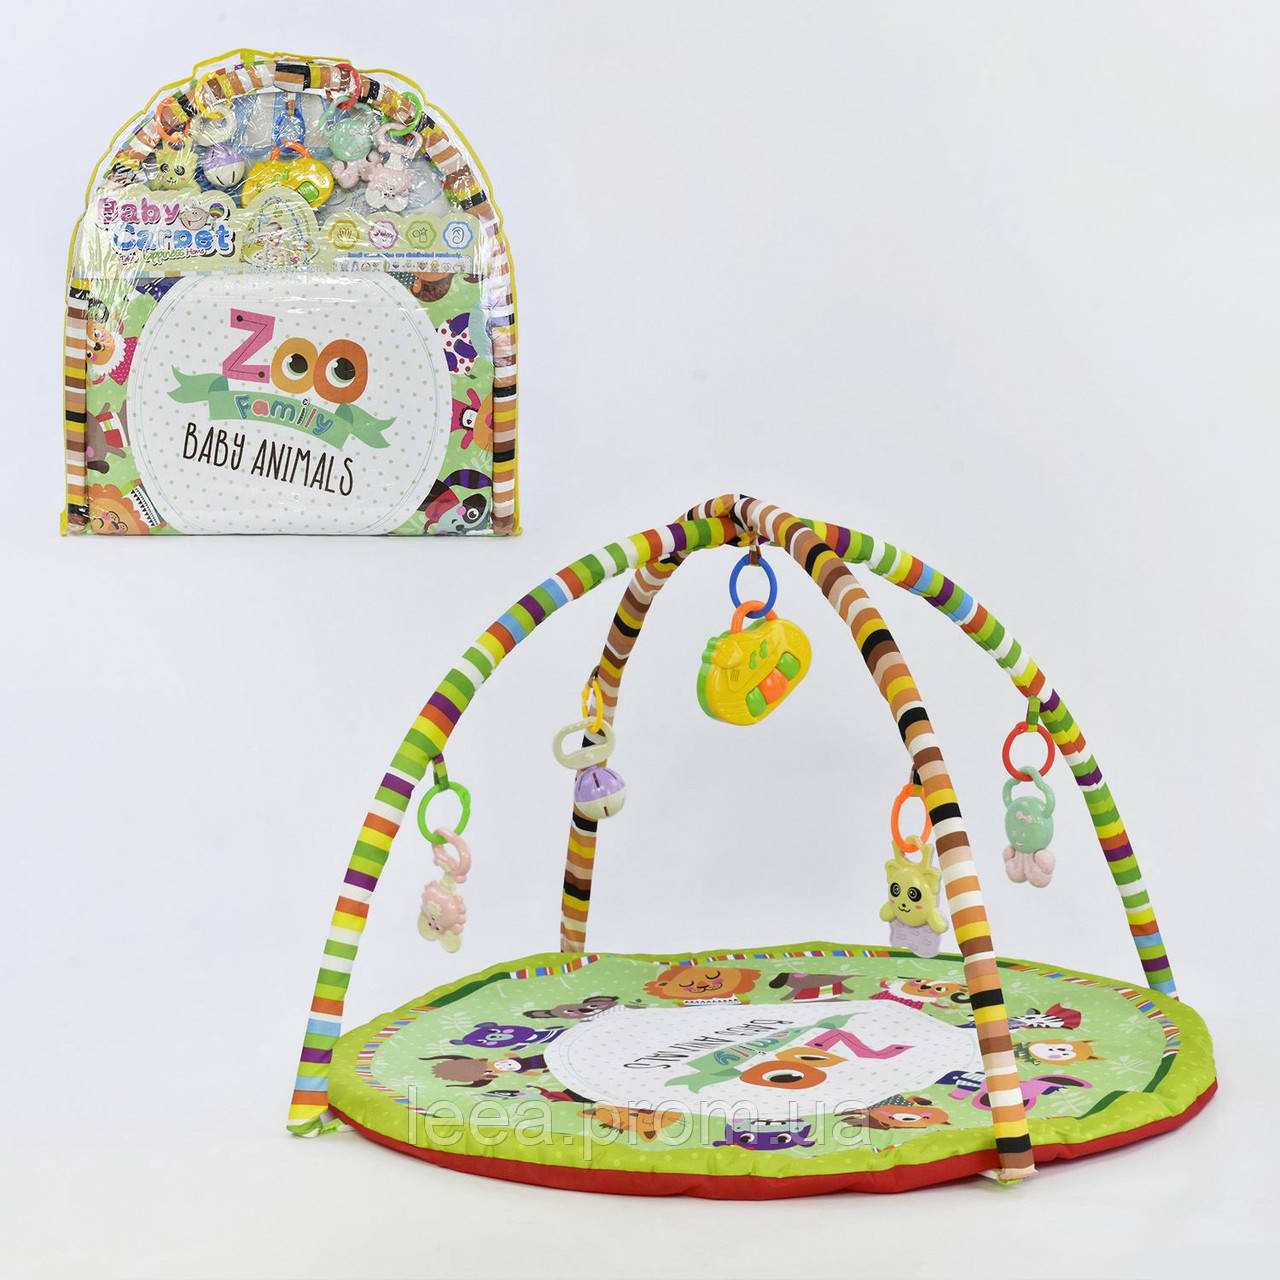 Музыкальный игровой коврик для младенцев круглой формы 1821 А с подвесными игрушками